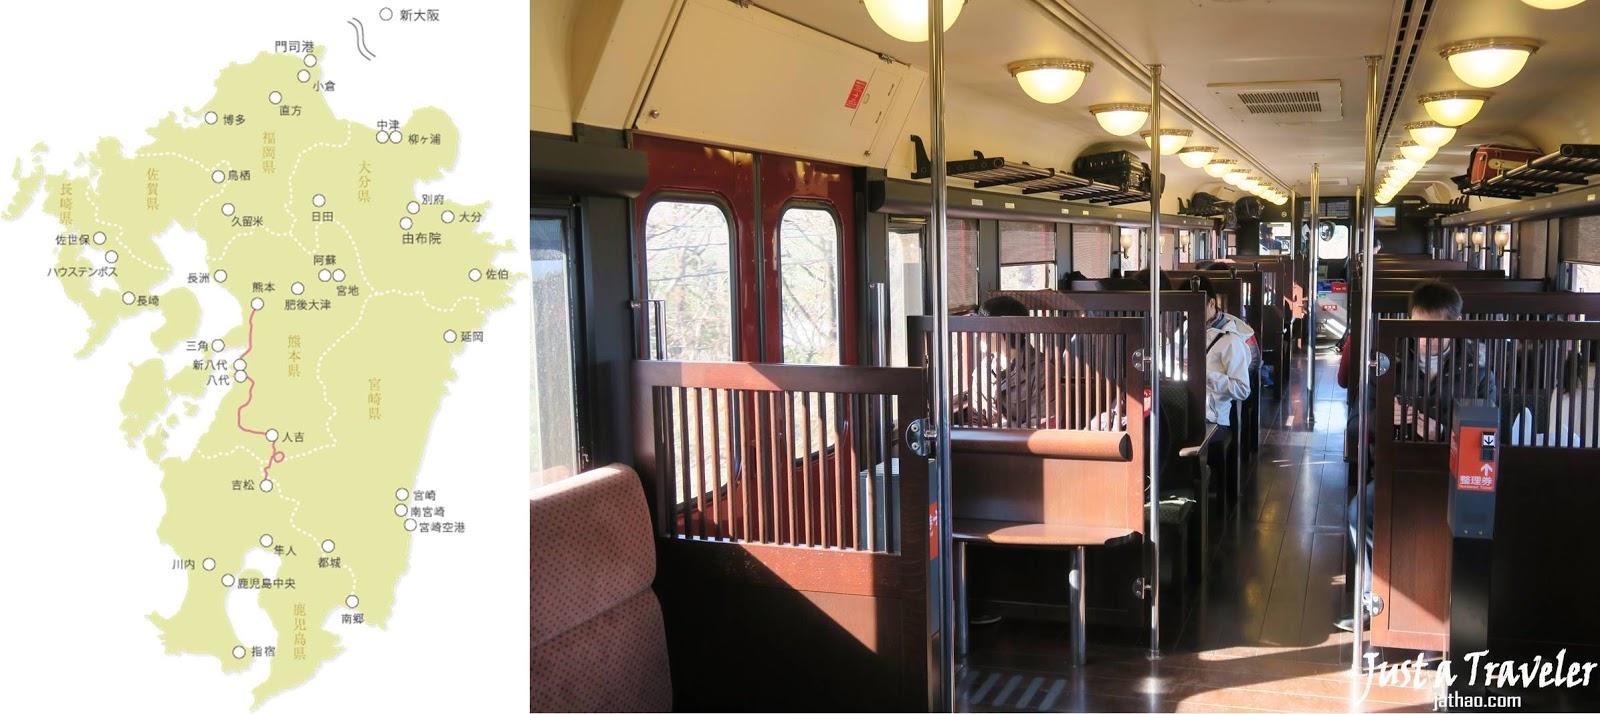 九州-特色觀光列車-推薦-D&S列車-伊三郎-新平-攻略-特色列車預訂-觀光列車-火車-JR-交通-Kyushu